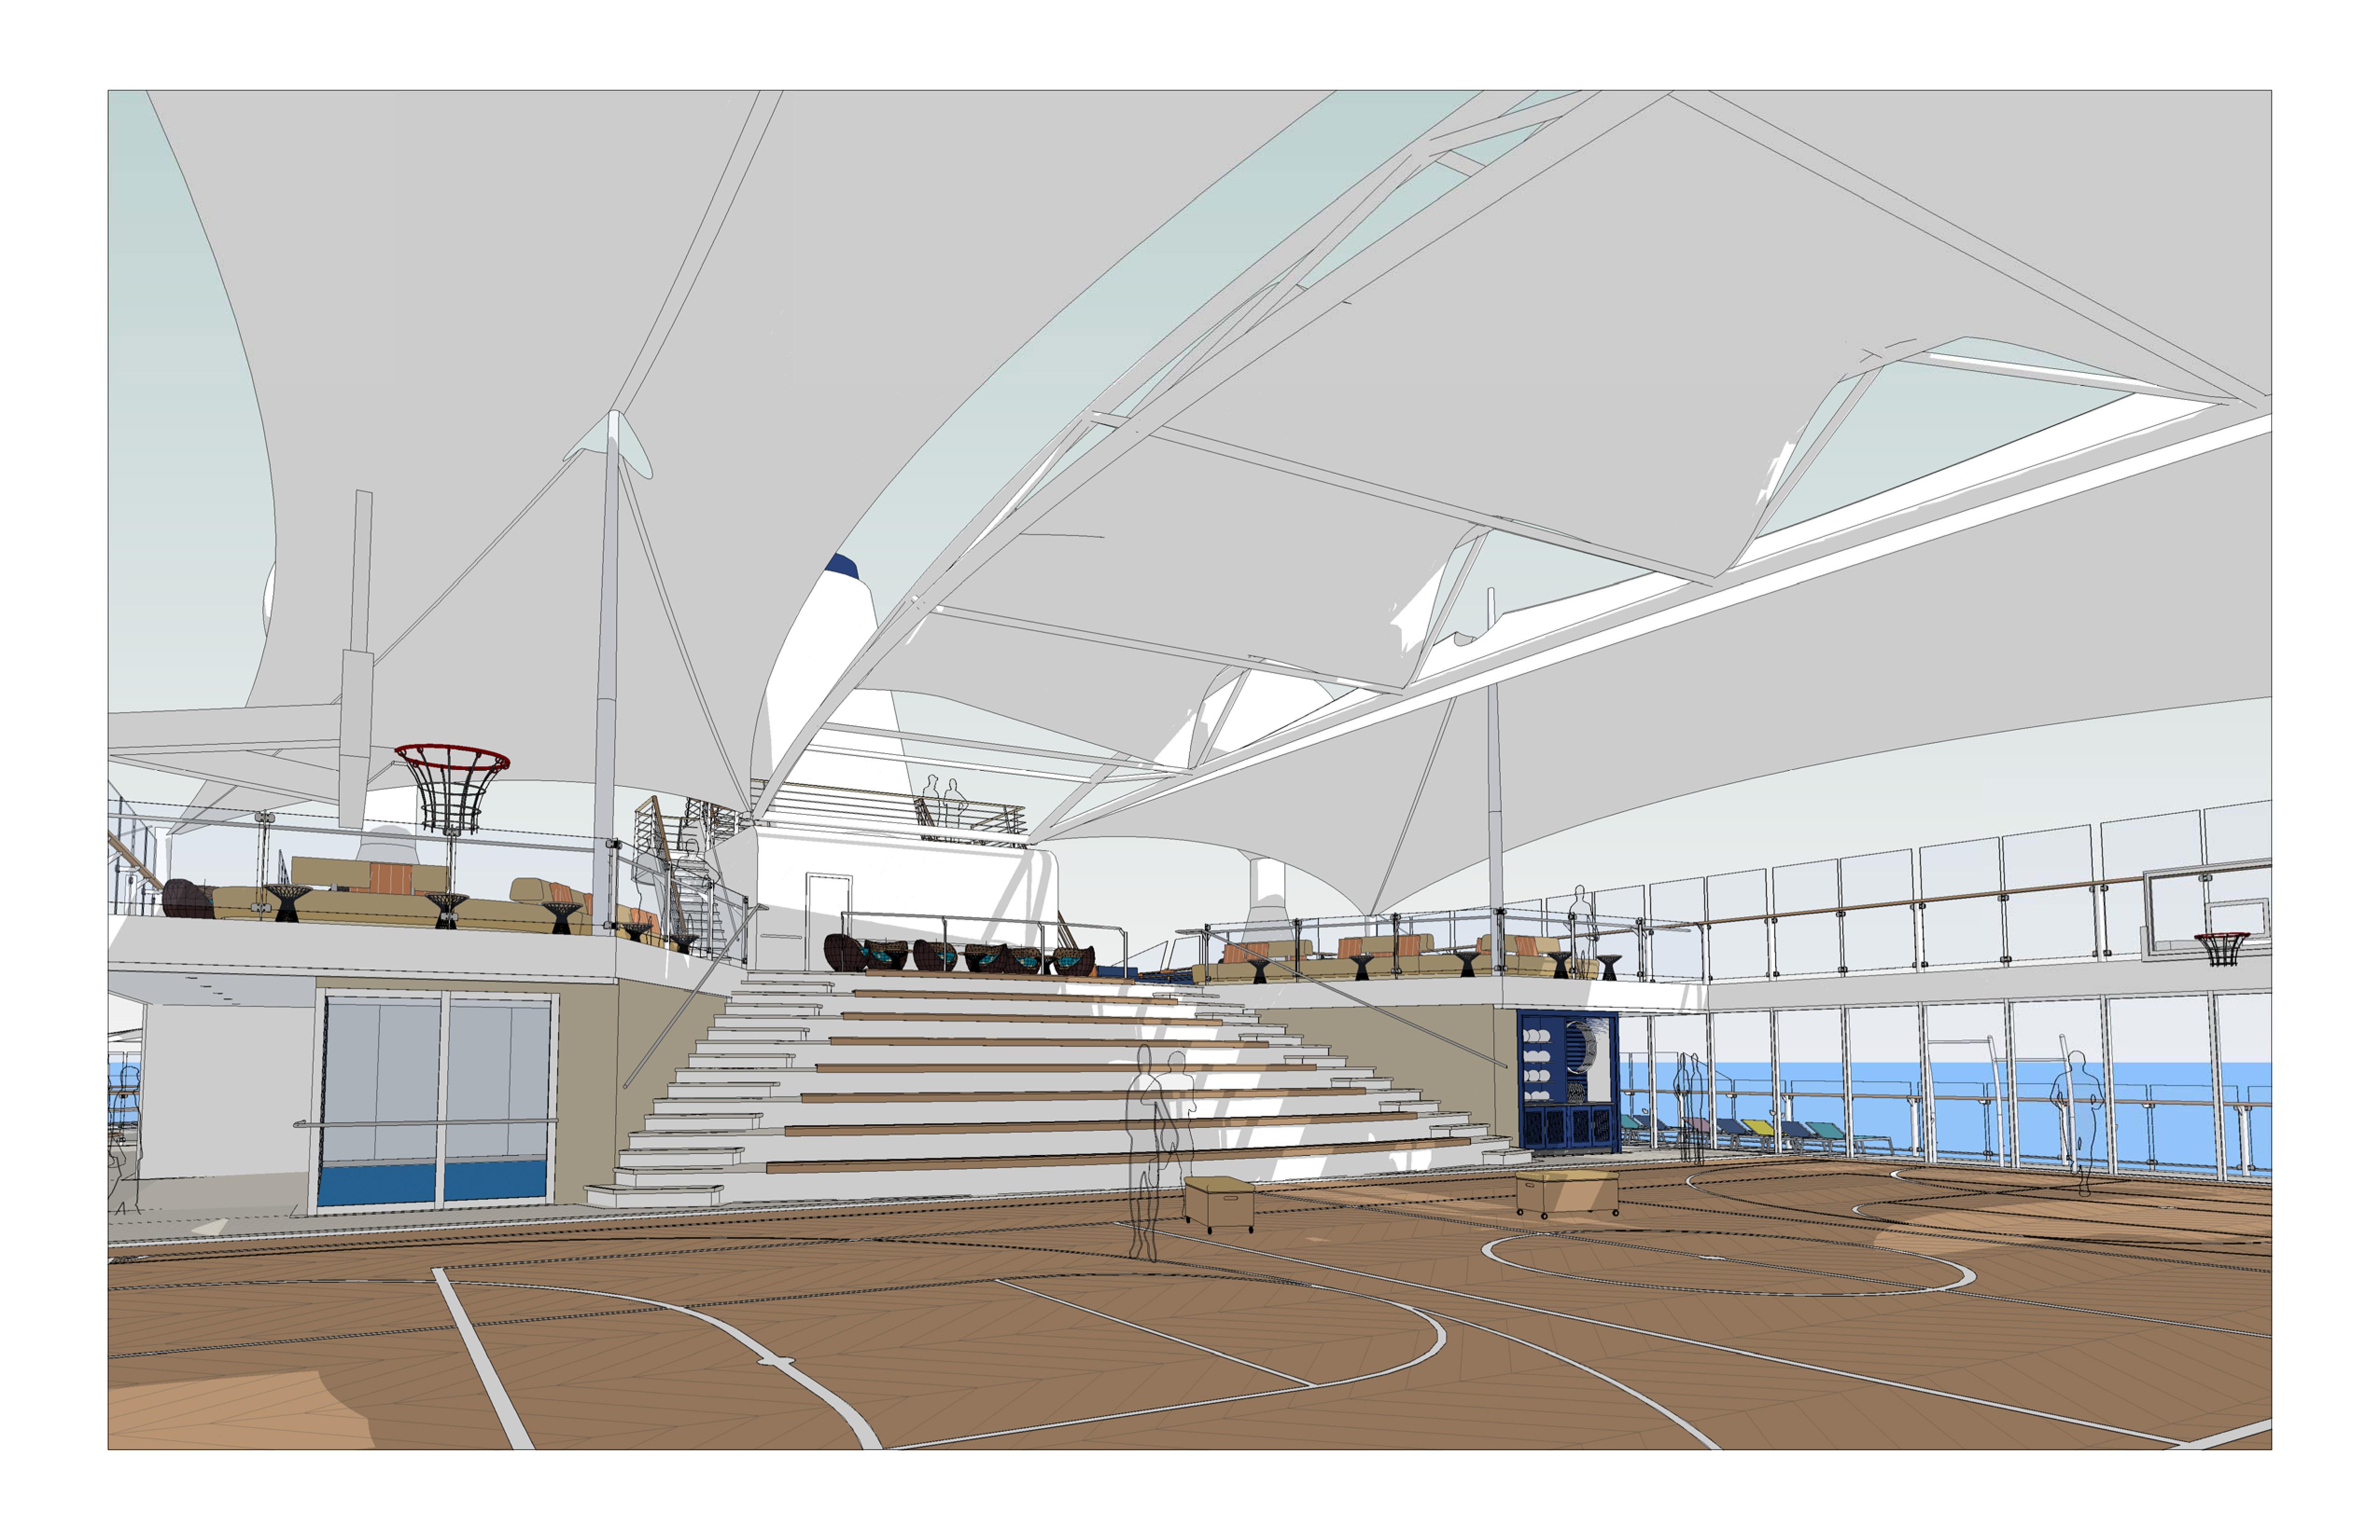 Sonnensegel über der Arena auf Deck 14